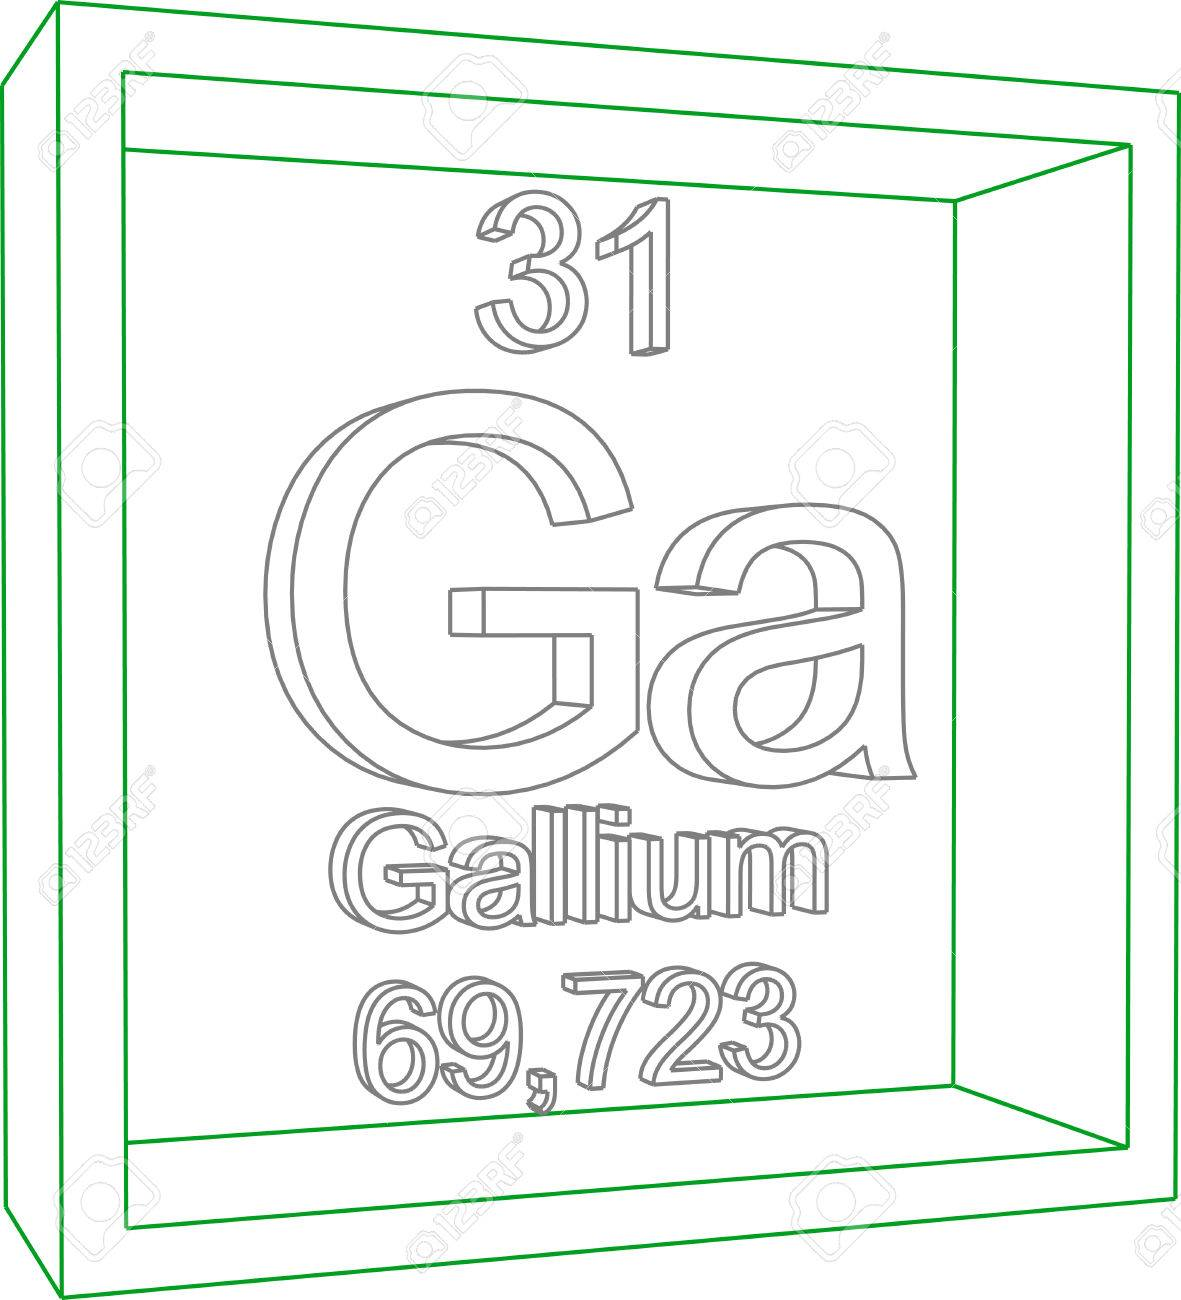 foto de archivo tabla peridica de los elementos galio - Tabla Periodica De Los Elementos Galio